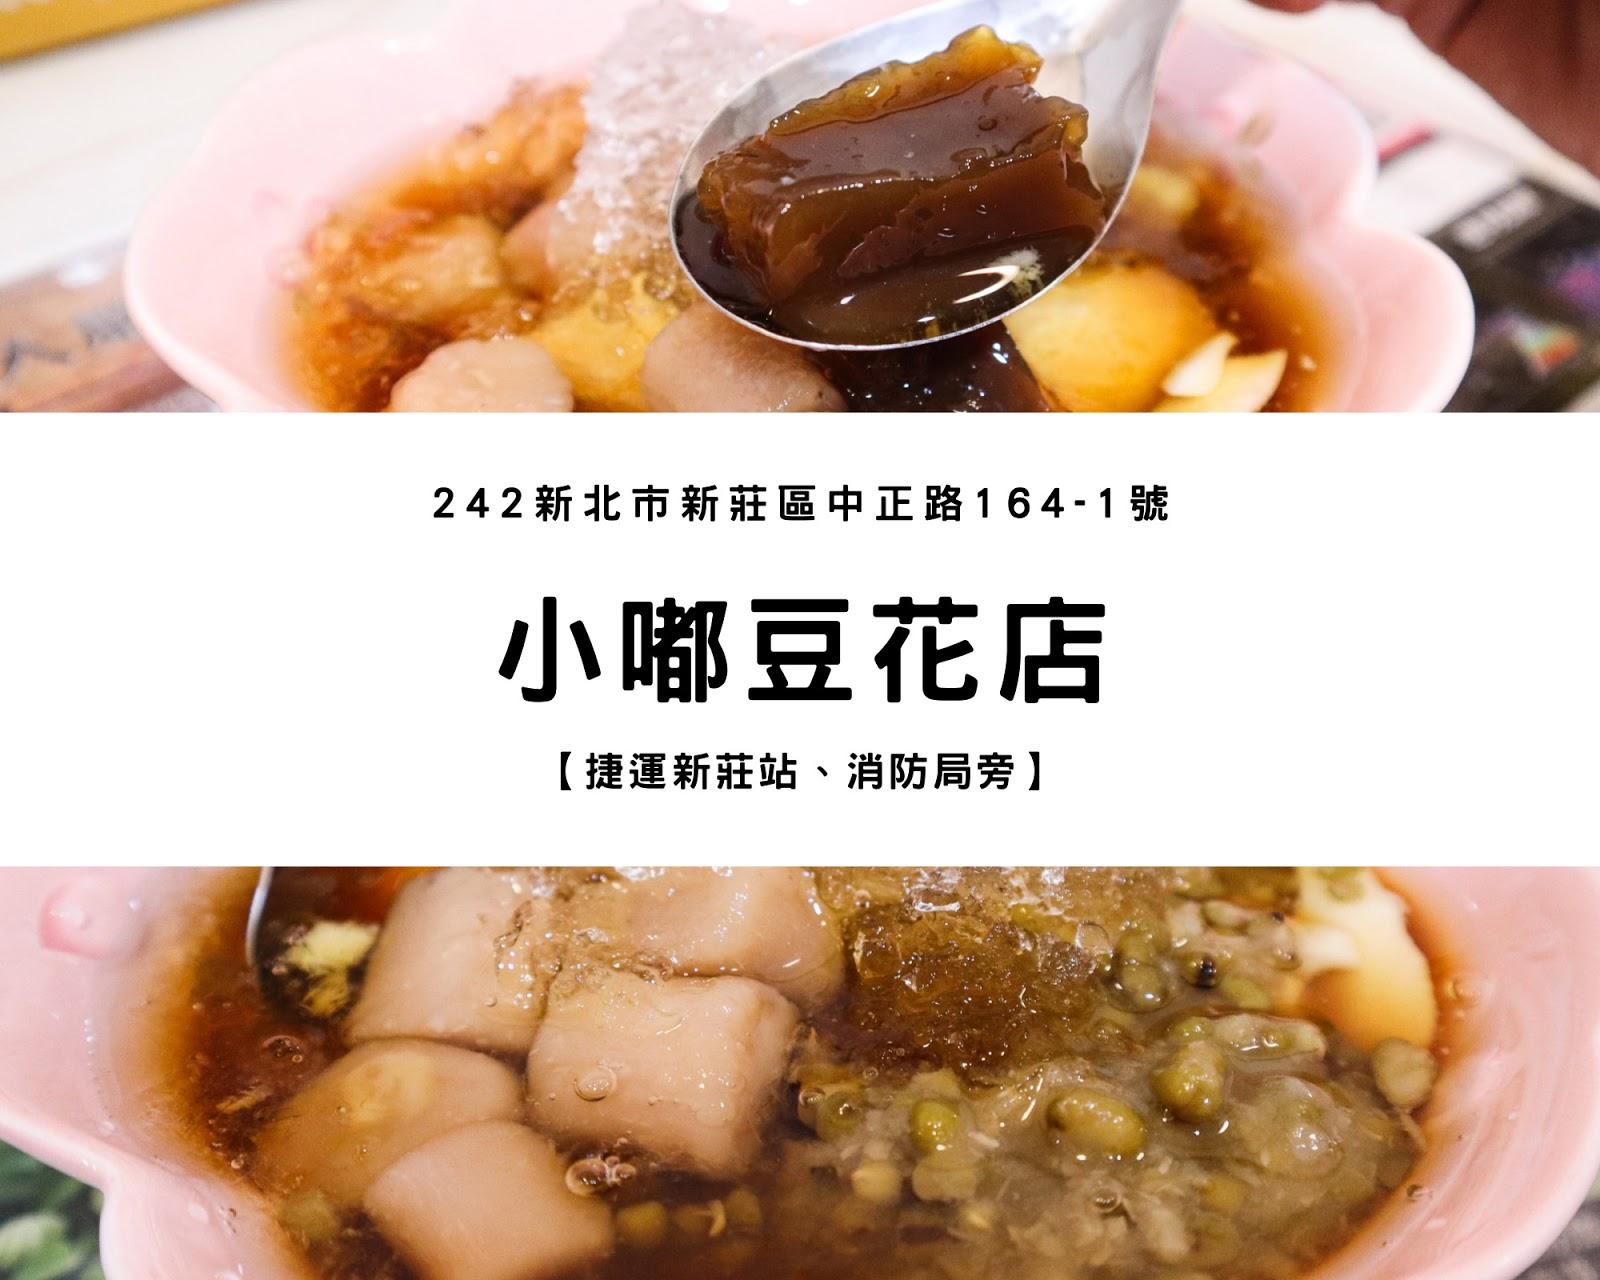 【捷運新莊站】小嘟豆花店|夏天94要來碗甜蜜冰品啊!超愛手工芋圓、上新莊平價甜品推薦